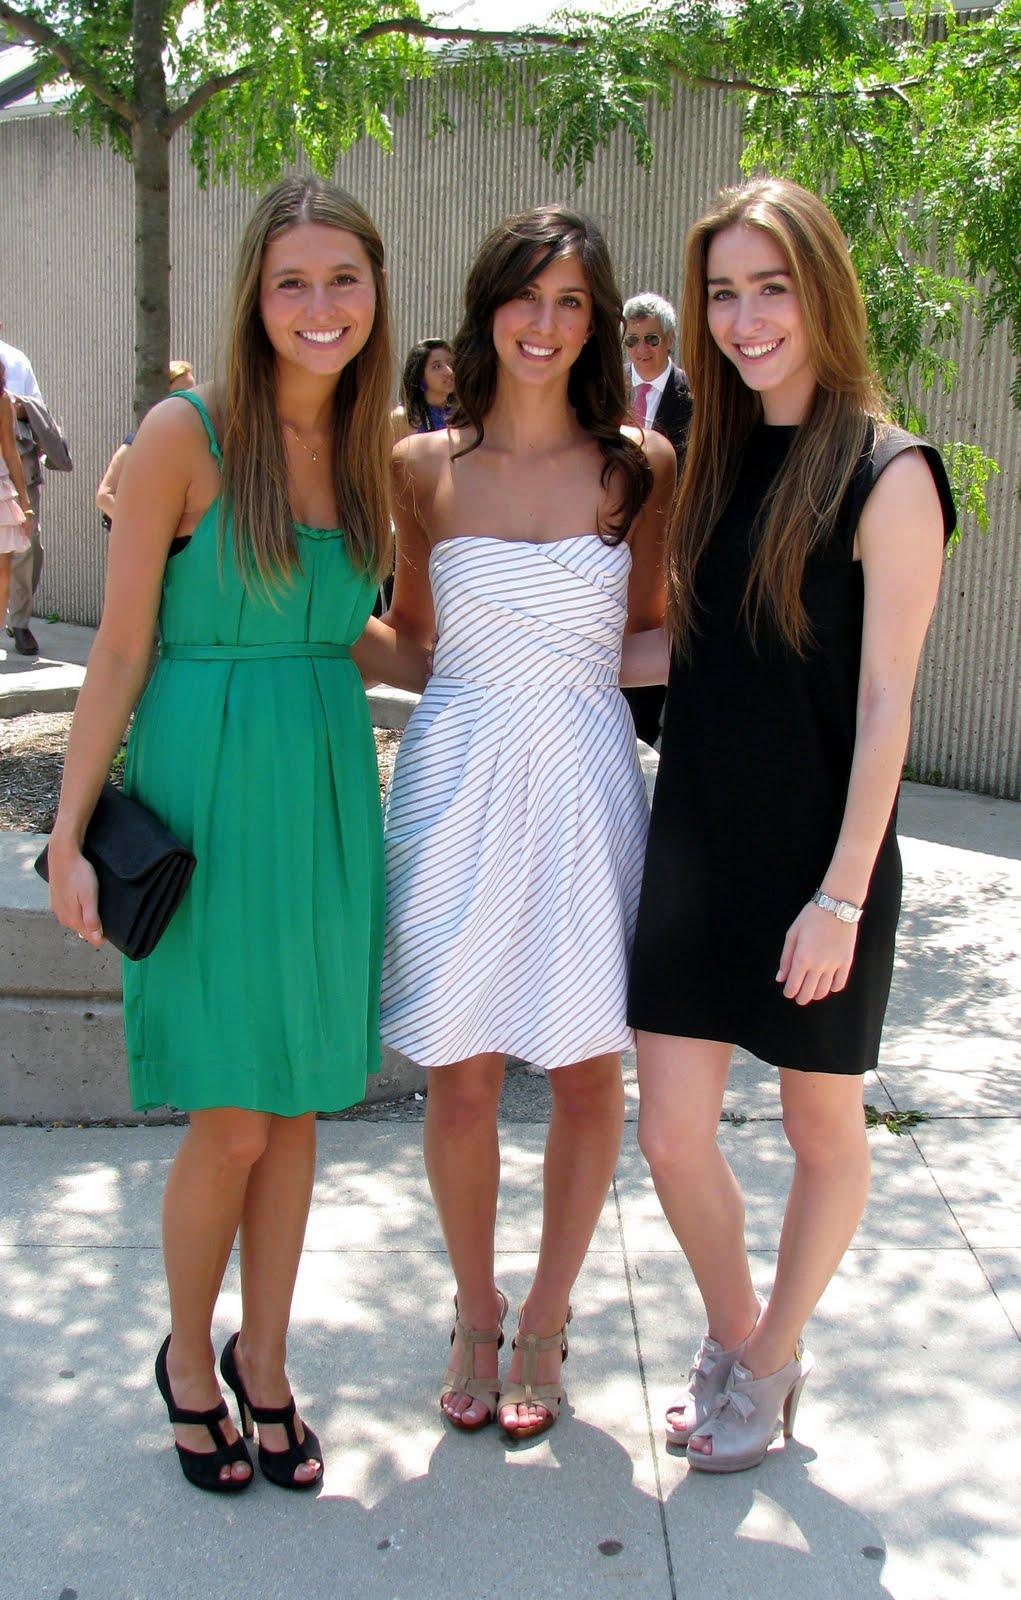 Girls In Short Dresses Videos